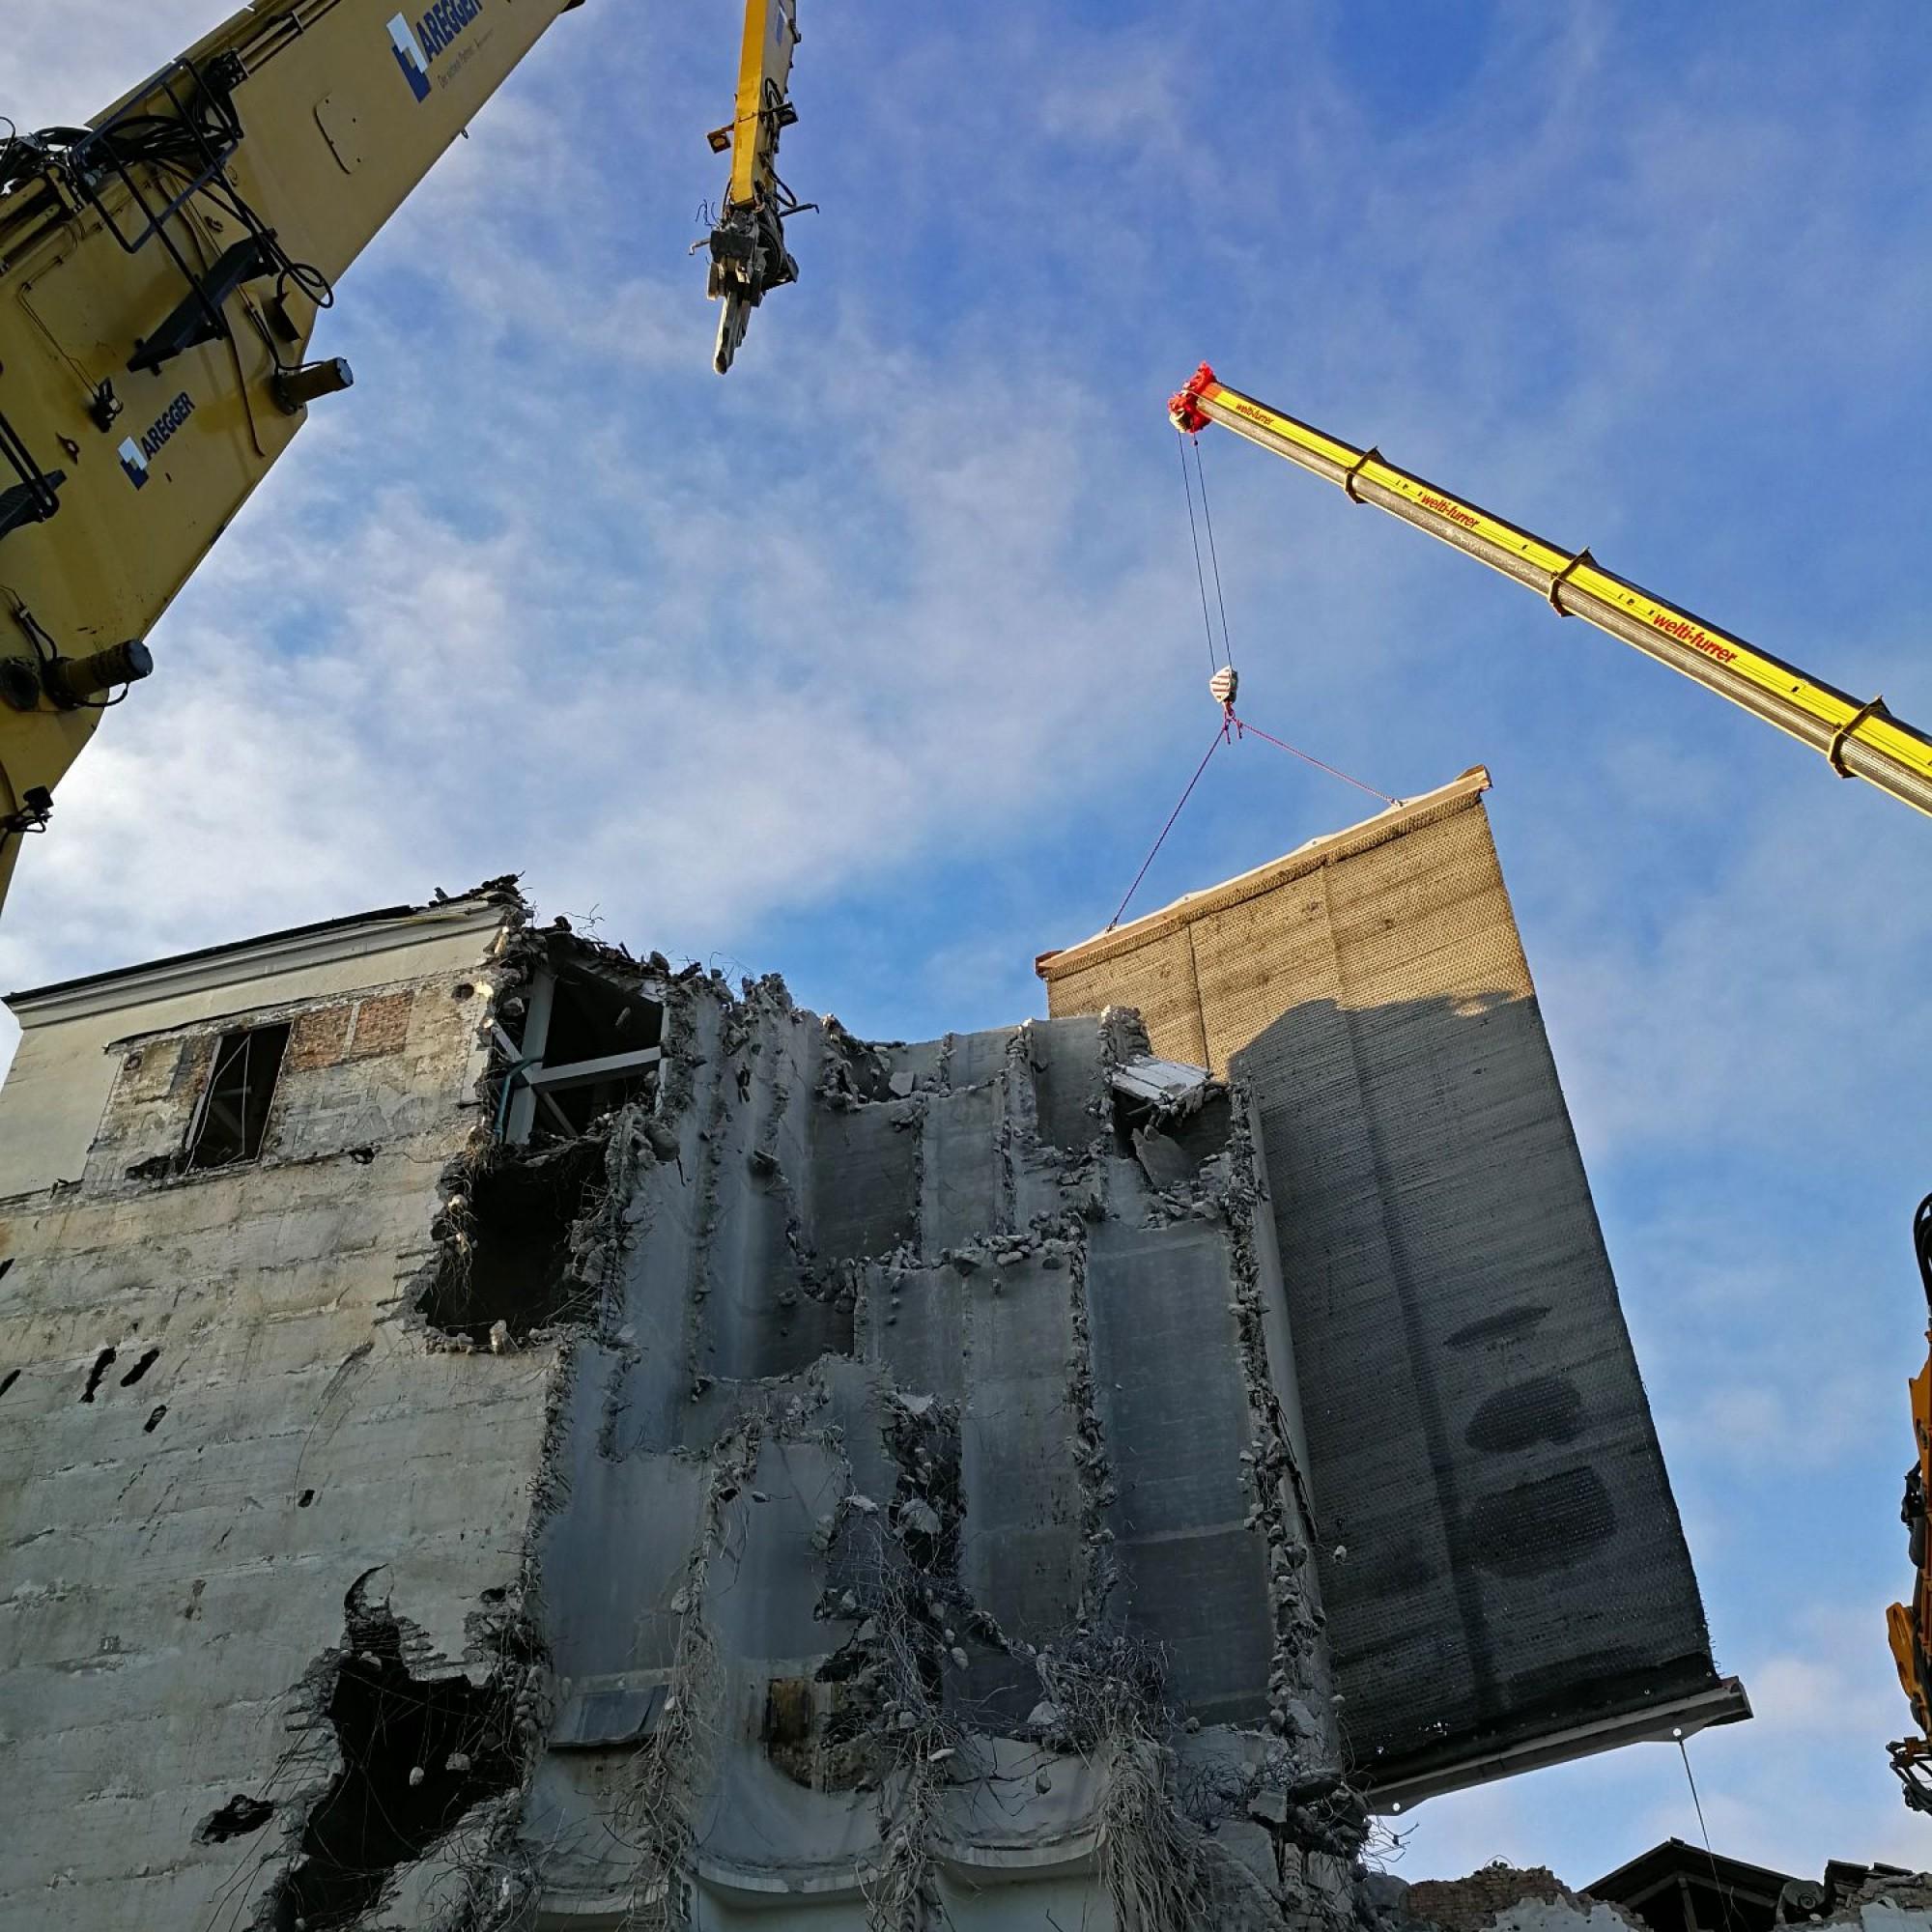 Die vorgehängte Gummimatte verhindert, dass beim Abbruch das angrenzendeMühlhaus beschädigt wird.